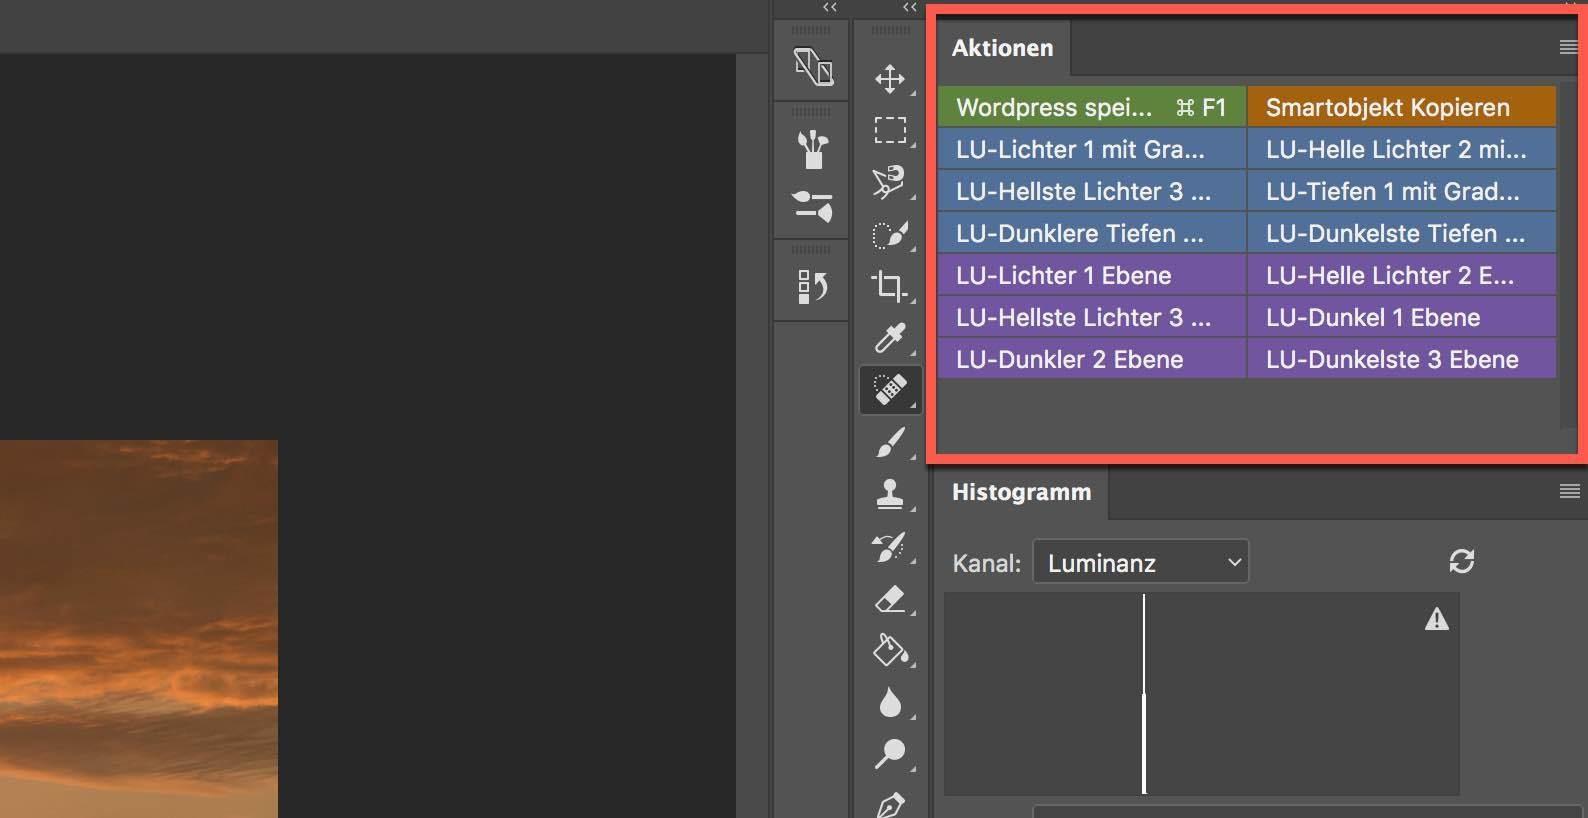 Luminanzmasken In Photoshop Cc 20172018 Für Die Bildbearbeitung